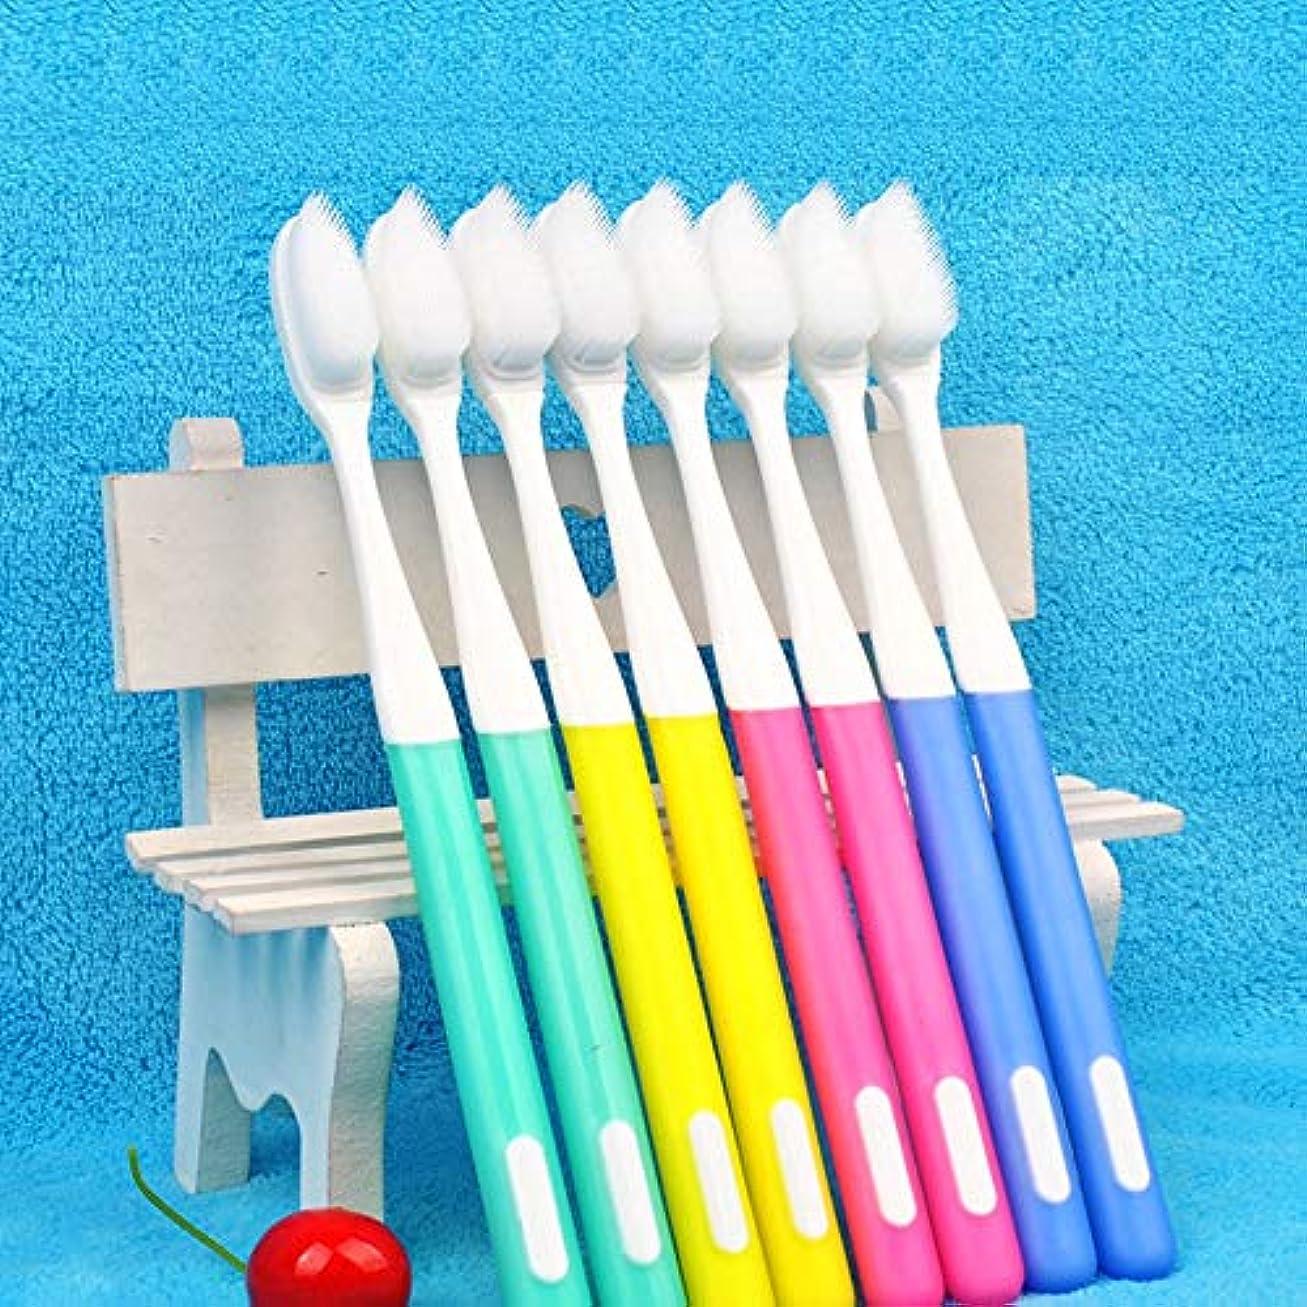 アノイ関係するリクルート歯ブラシ 10パック柔らかい歯ブラシ、ナノ大人歯ブラシ、環境にやさしいシリコン歯ブラシを - 利用可能な2つのスタイル KHL (色 : B, サイズ : 10 packs)